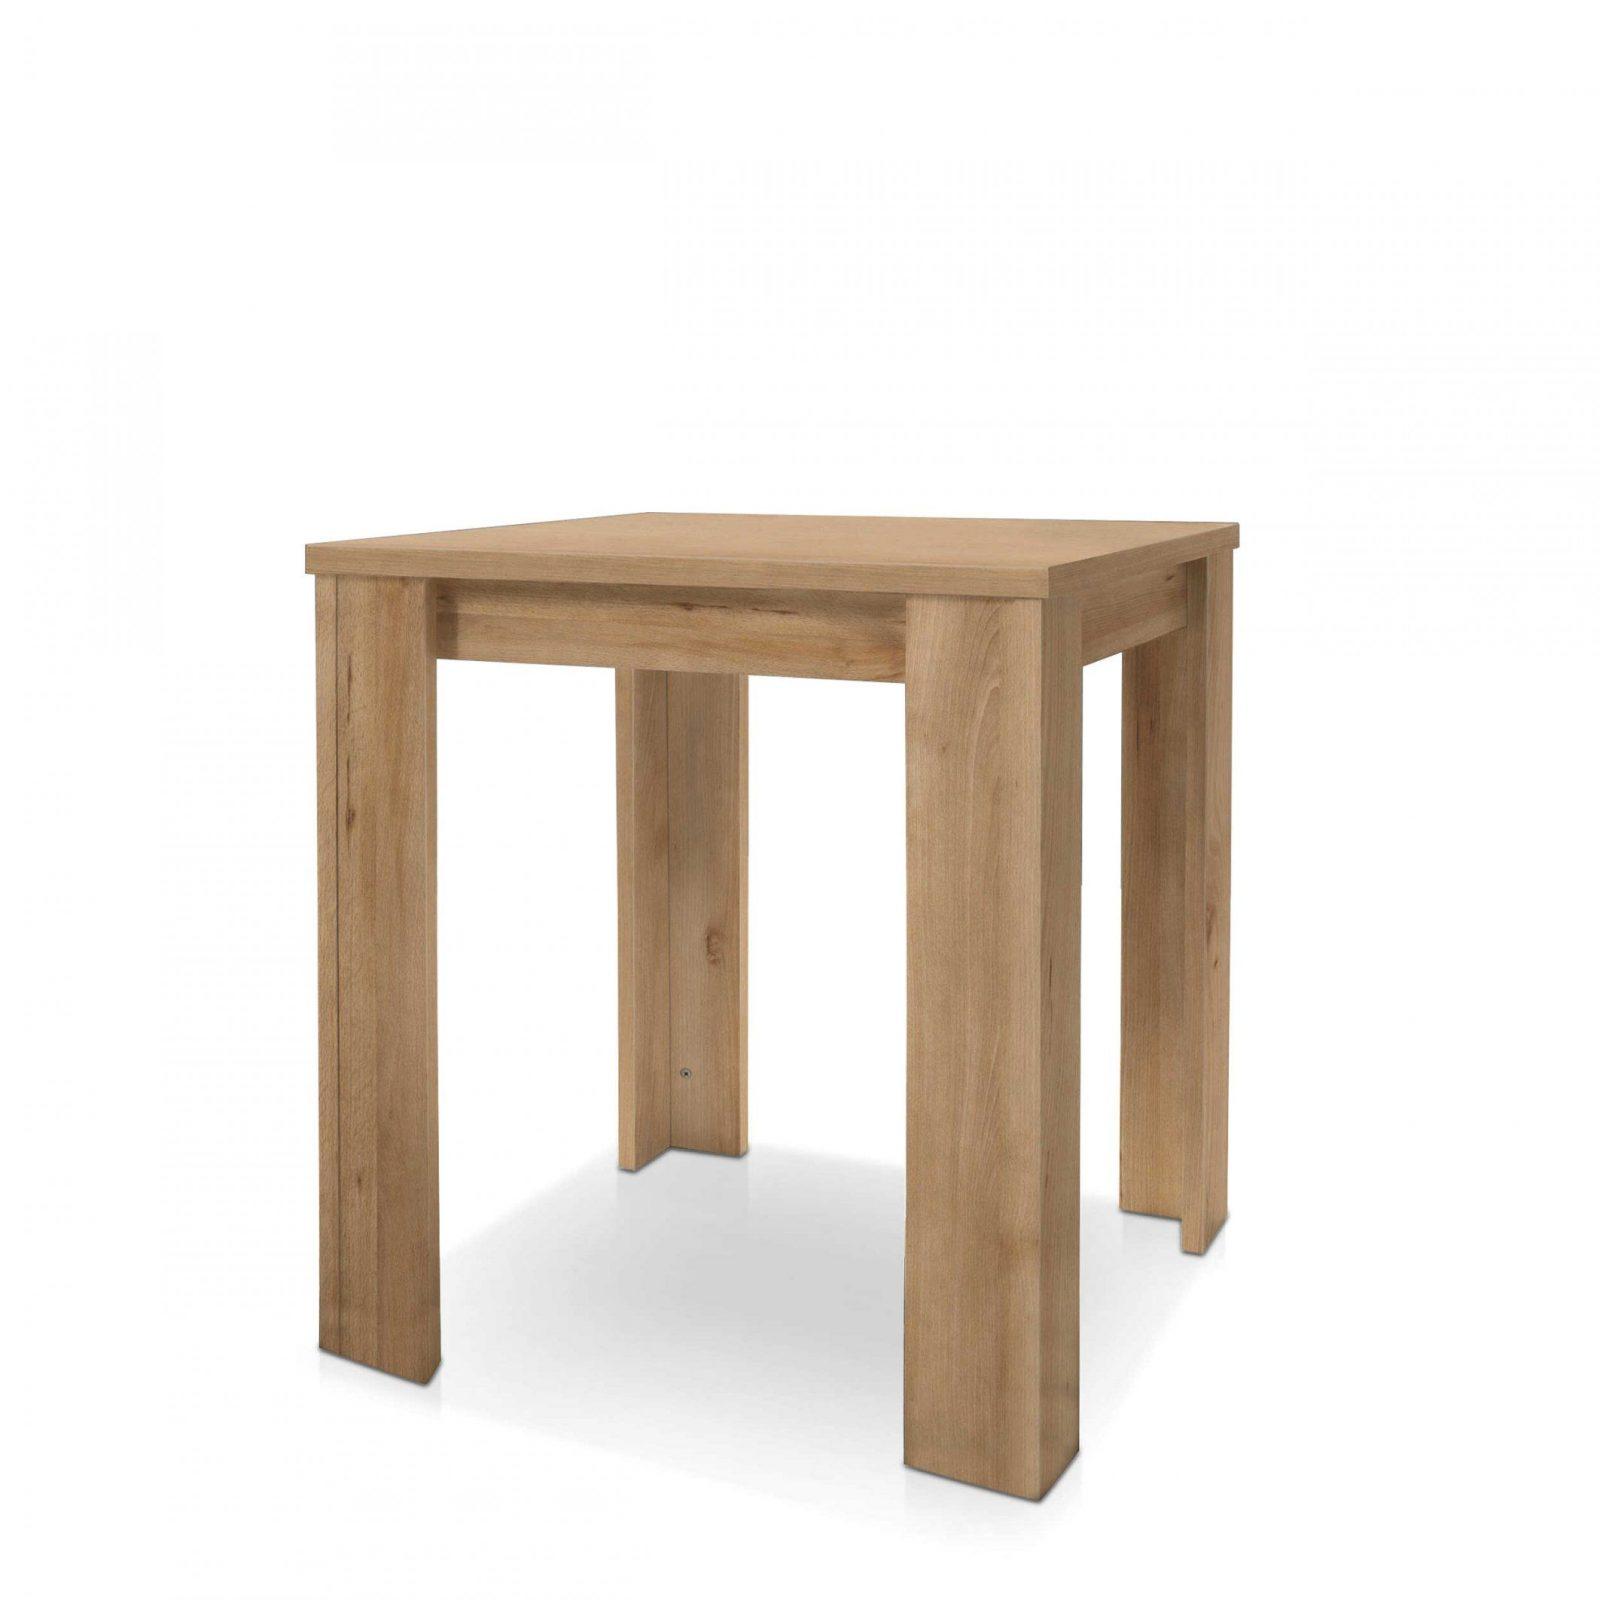 Stehtisch Holz Selber Bauen Mit Bartisch Raum Und Möbeldesign von Stehtisch Holz Selber Bauen Photo